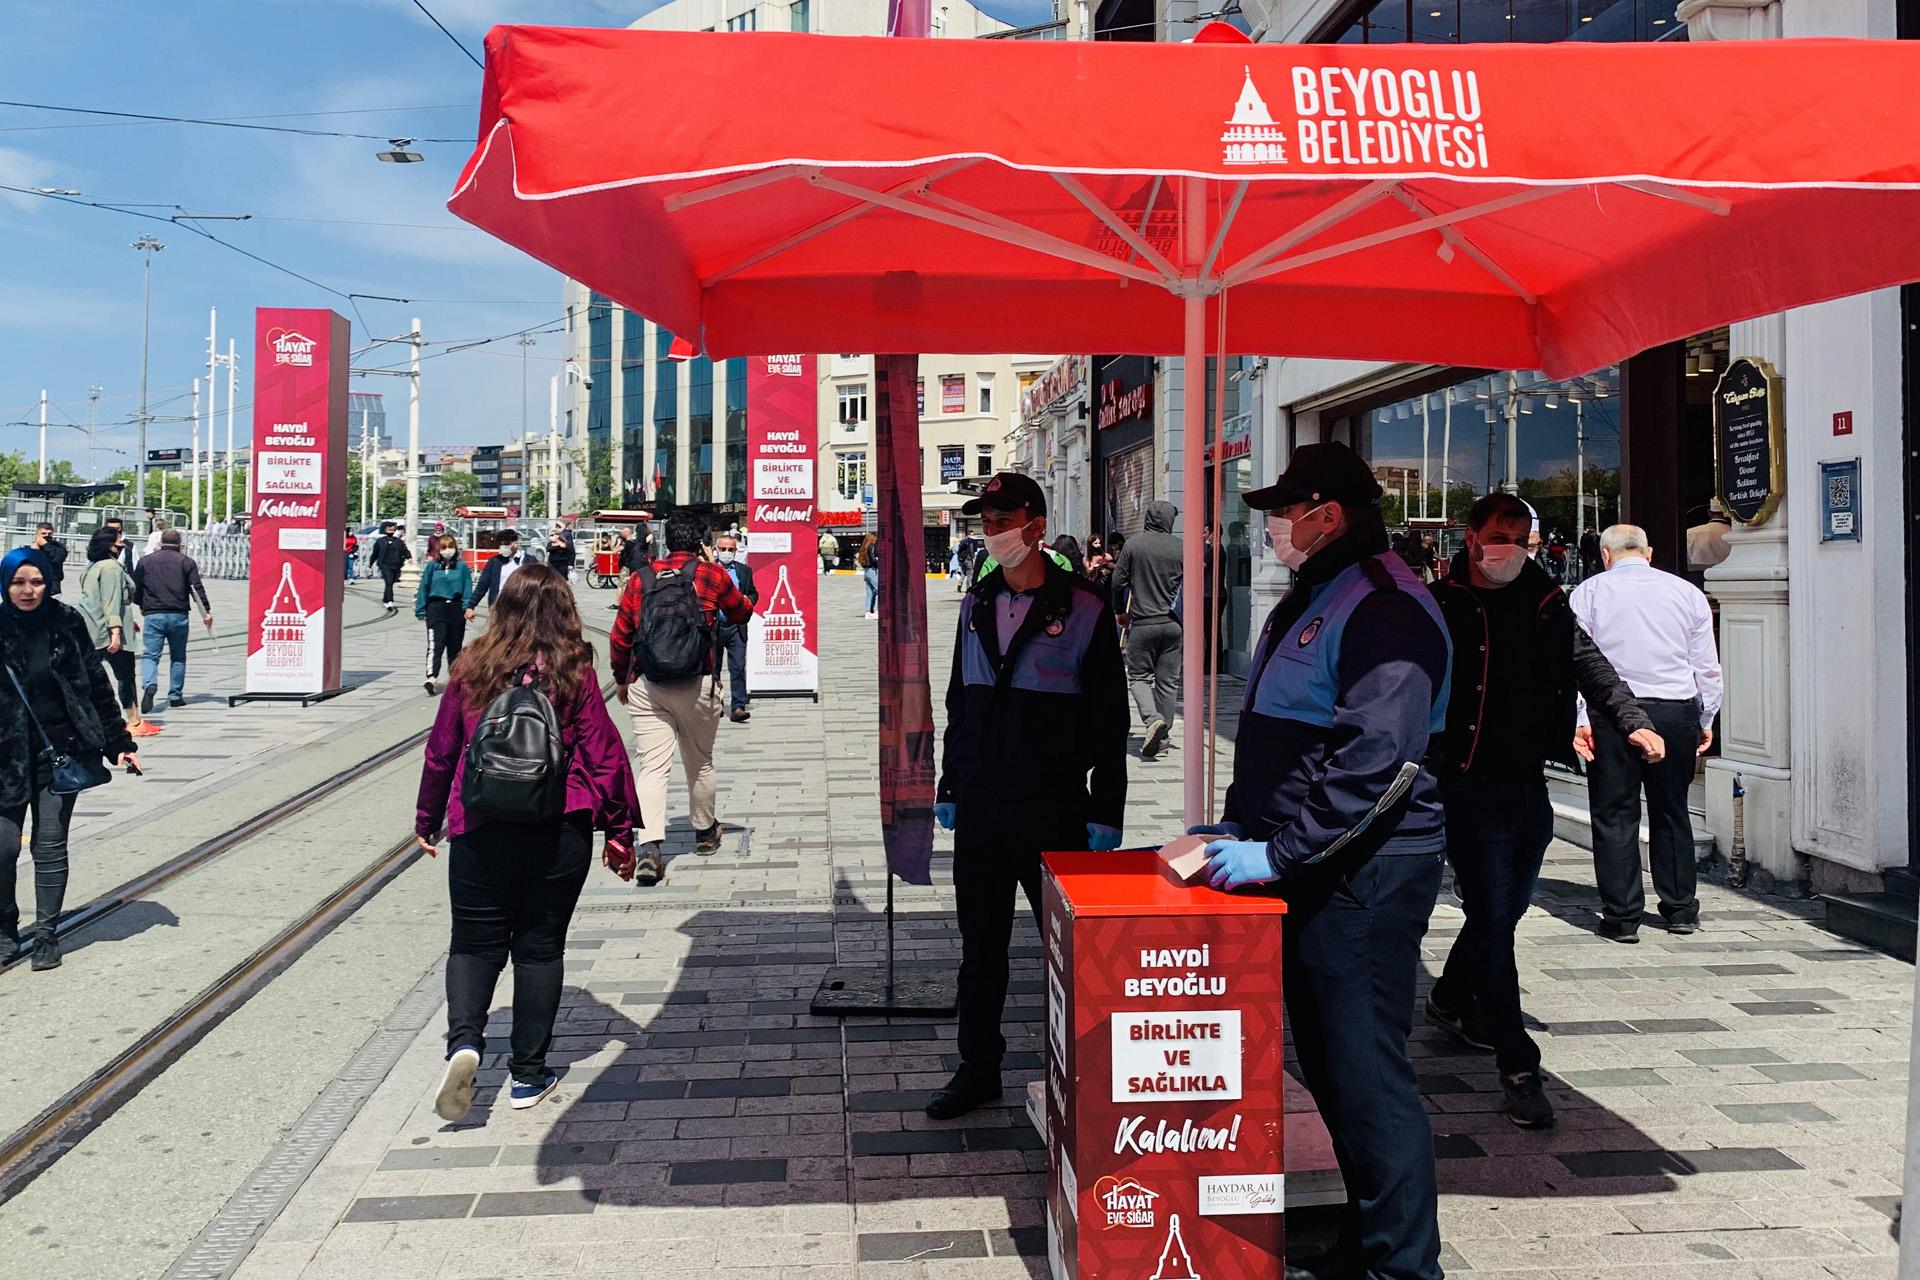 رجال أمن في أحد شوارع إسطنبول (الجزيرة)